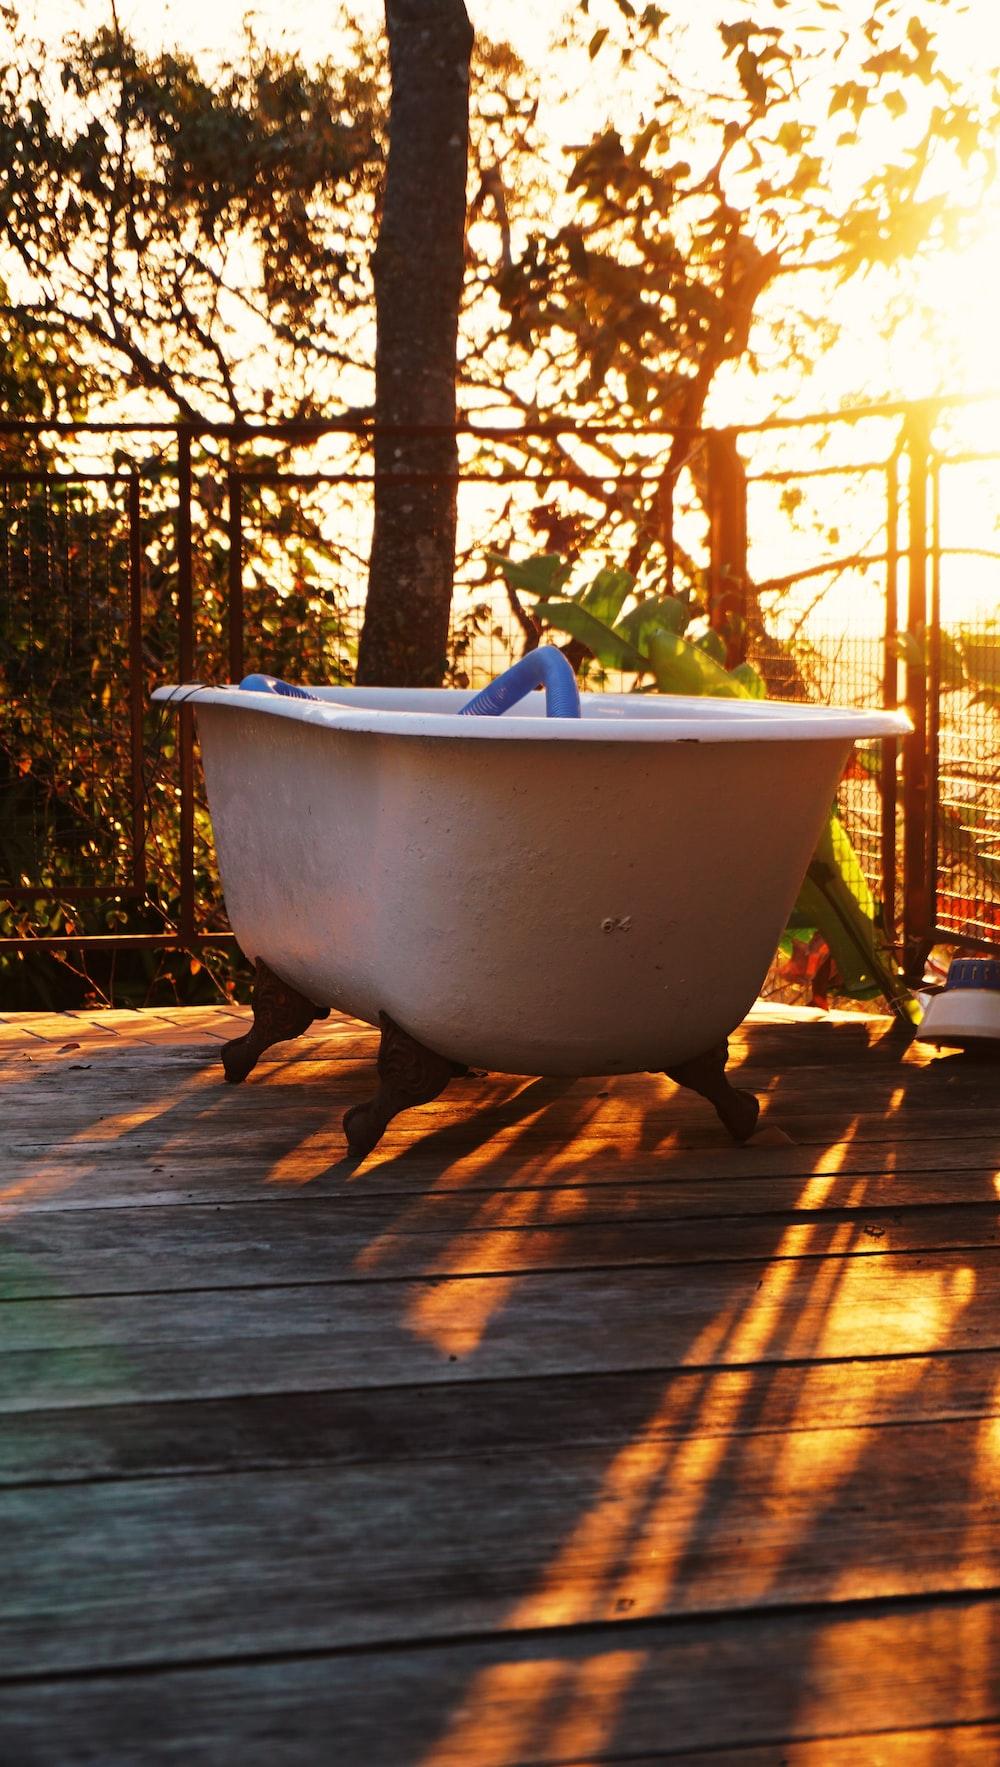 white bathtyb